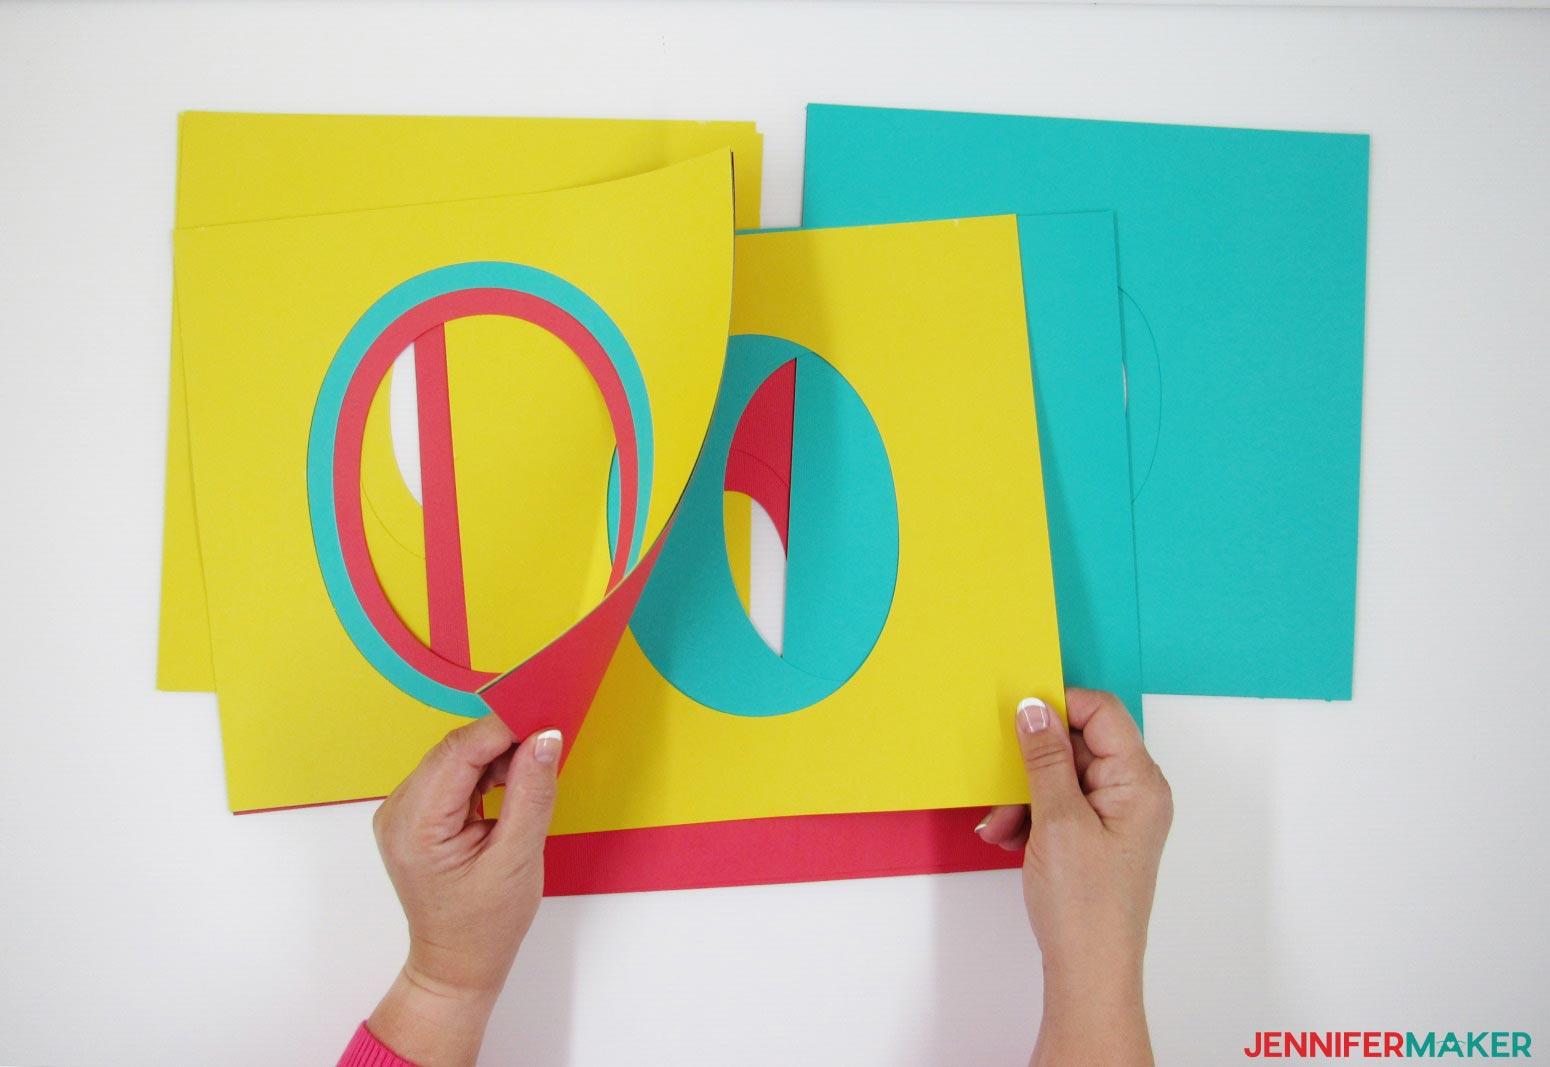 3D-PAPER-ART-SORT-THREE